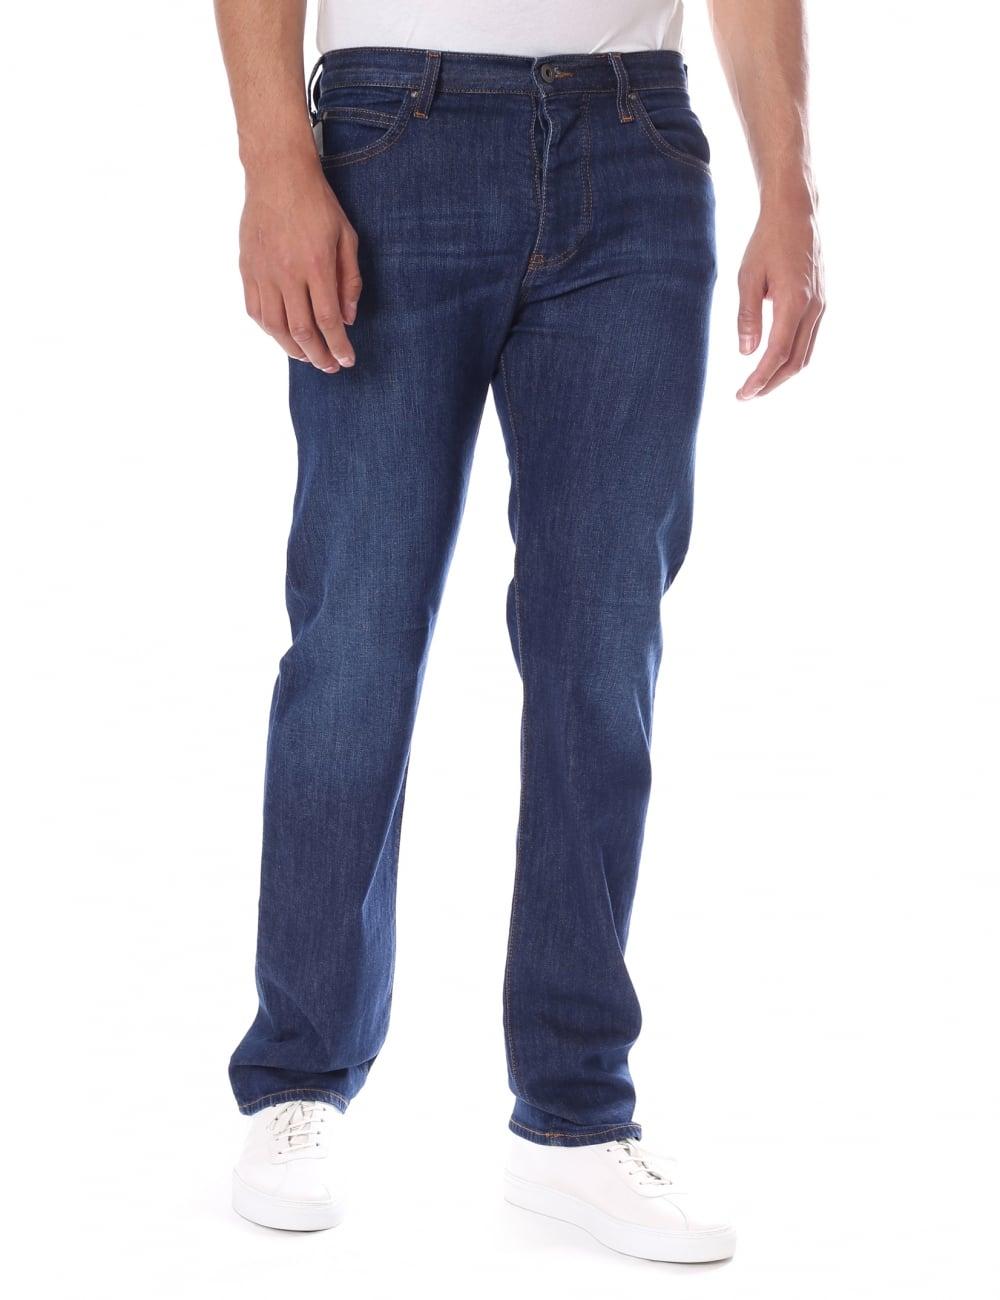 f833164af2cb Emporio Armani J21 Men s Regular Fit Jean